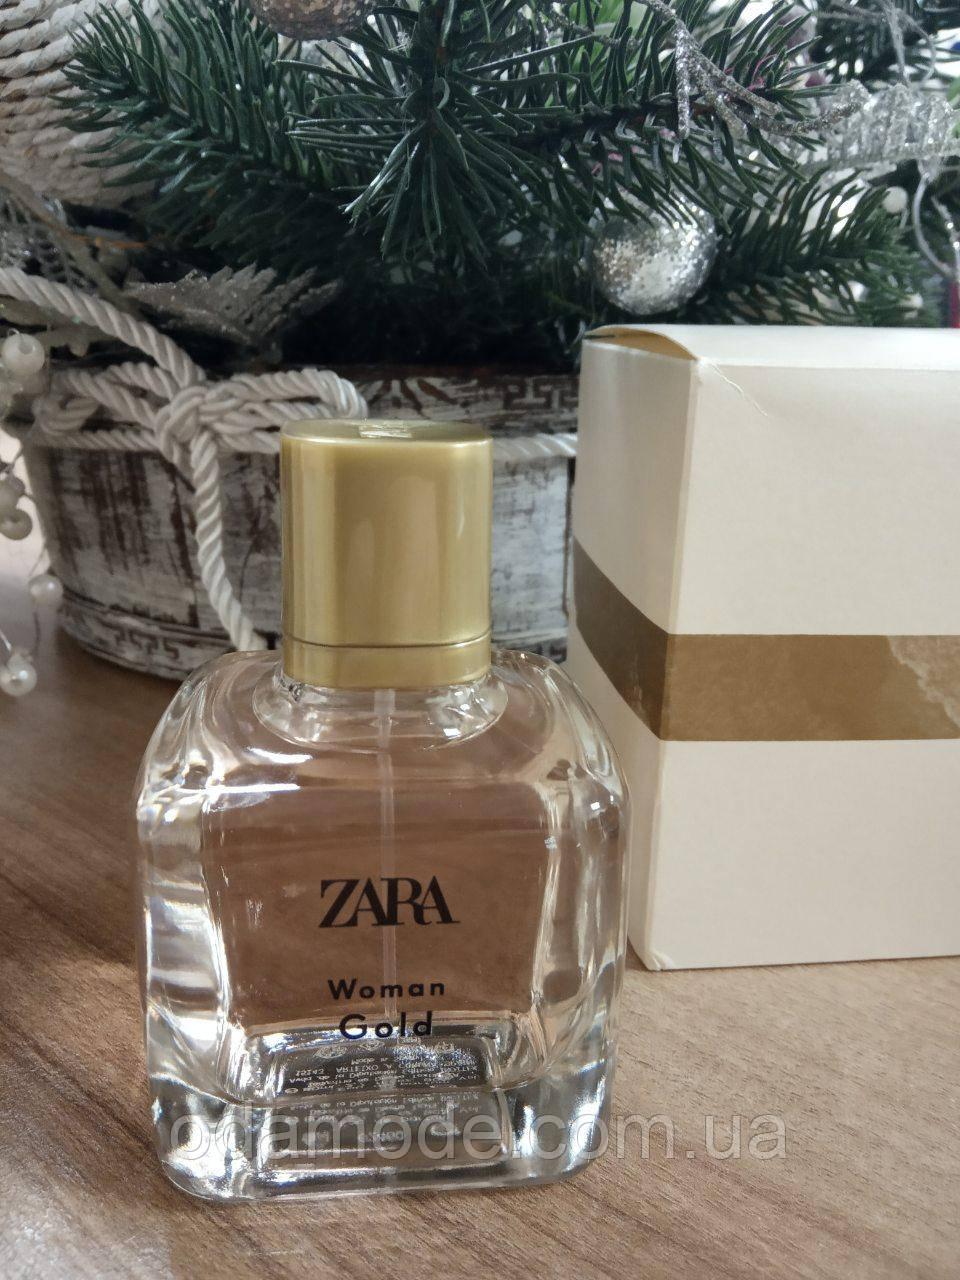 Жіночі парфуми Woman Gold ZARA 100ml